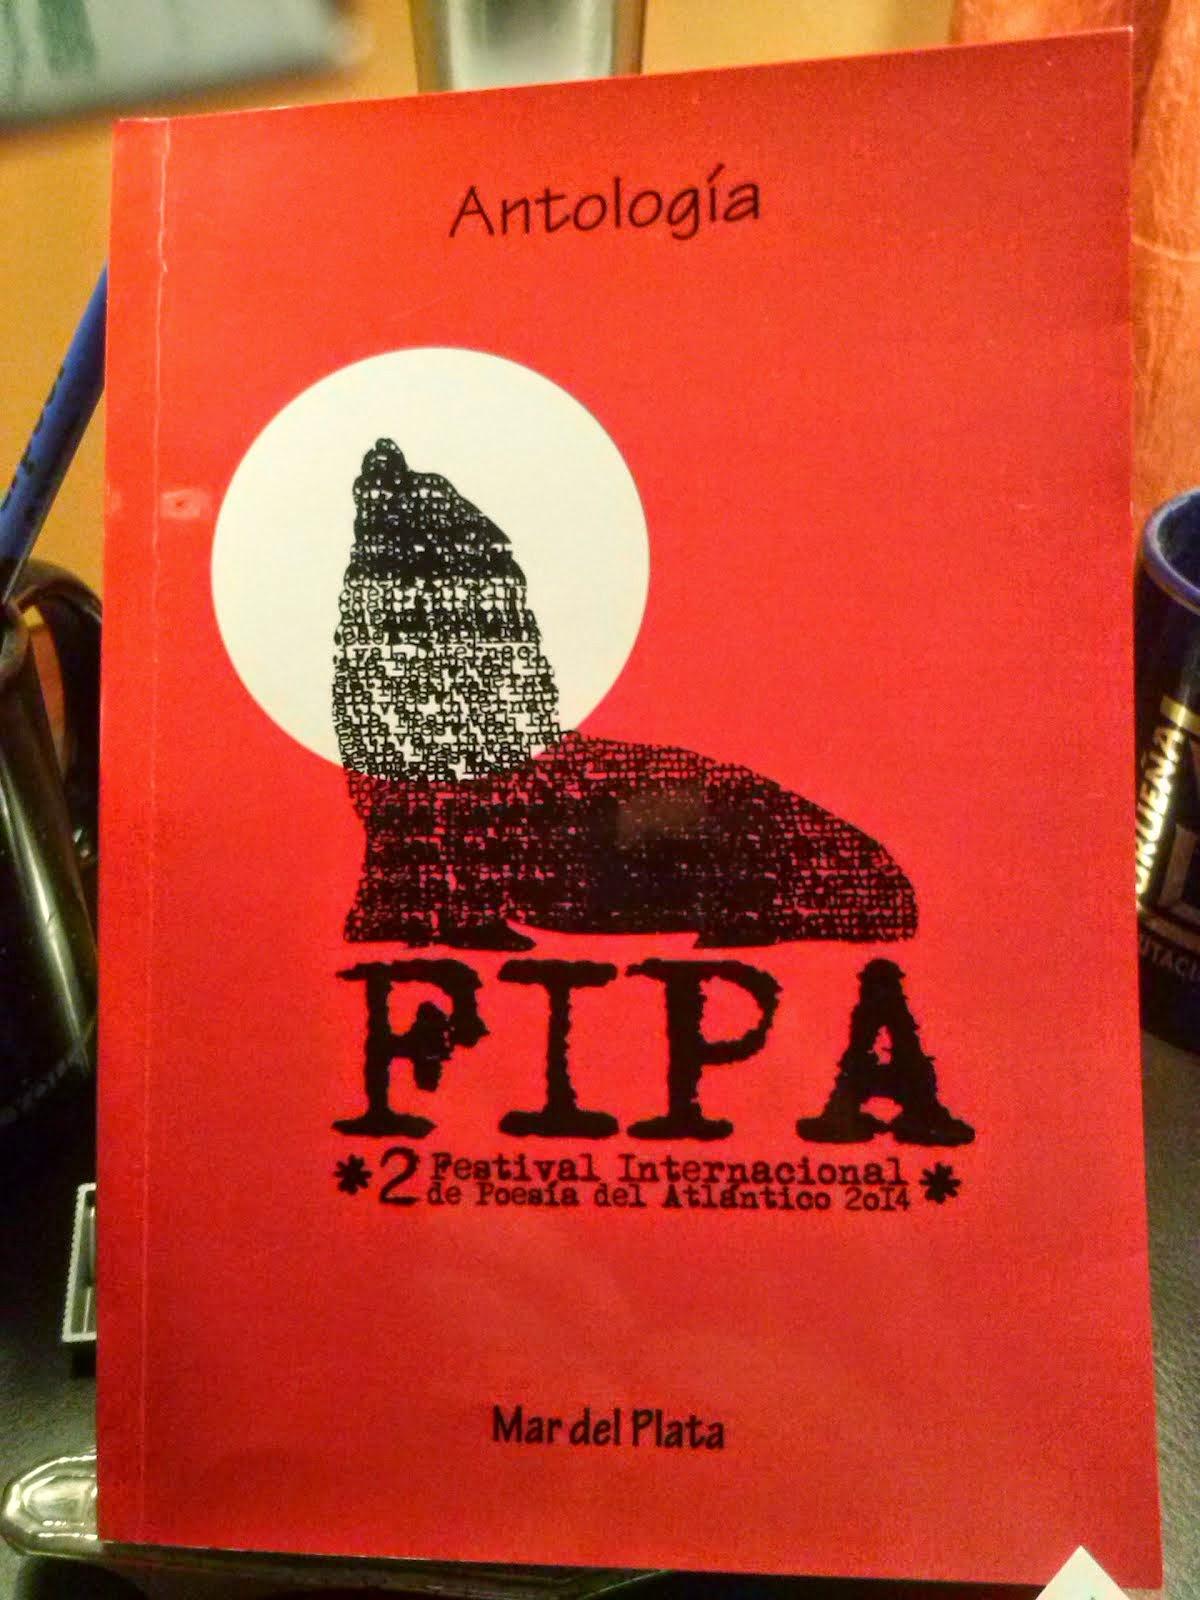 Antología II FIPA 2014